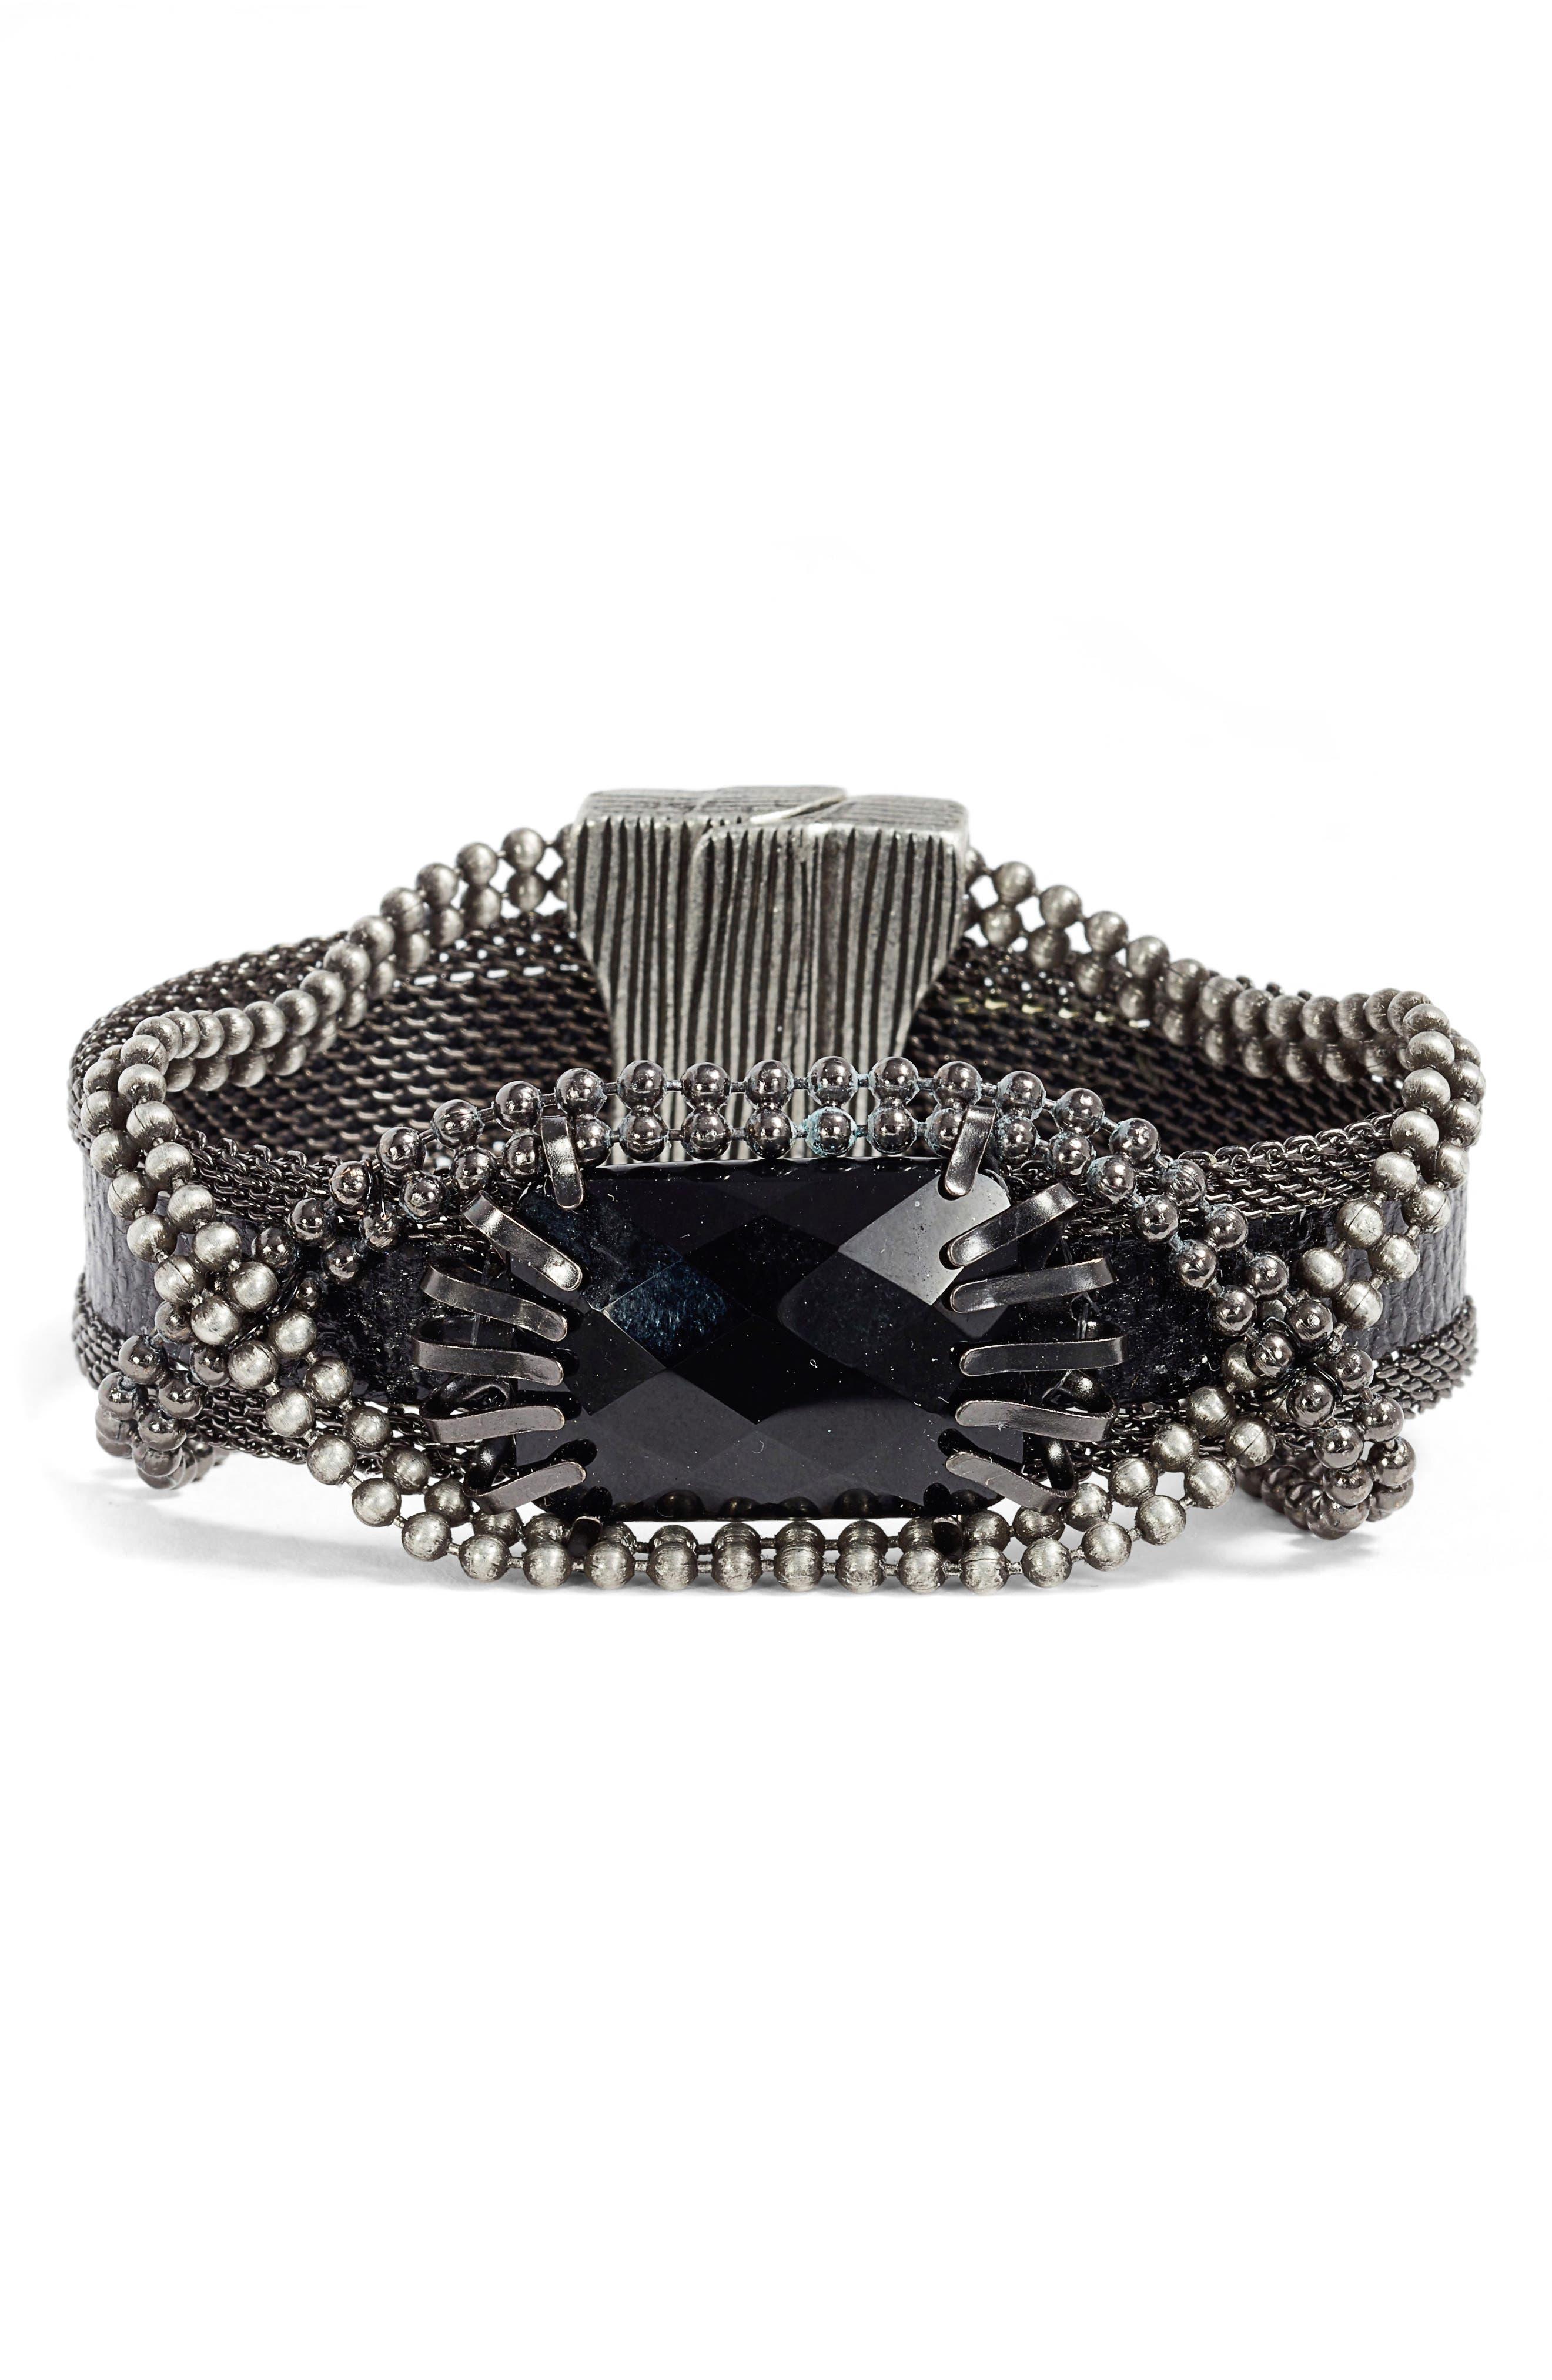 Stone & Snakeskin Bracelet,                         Main,                         color, BLACK/ GUNMETAL